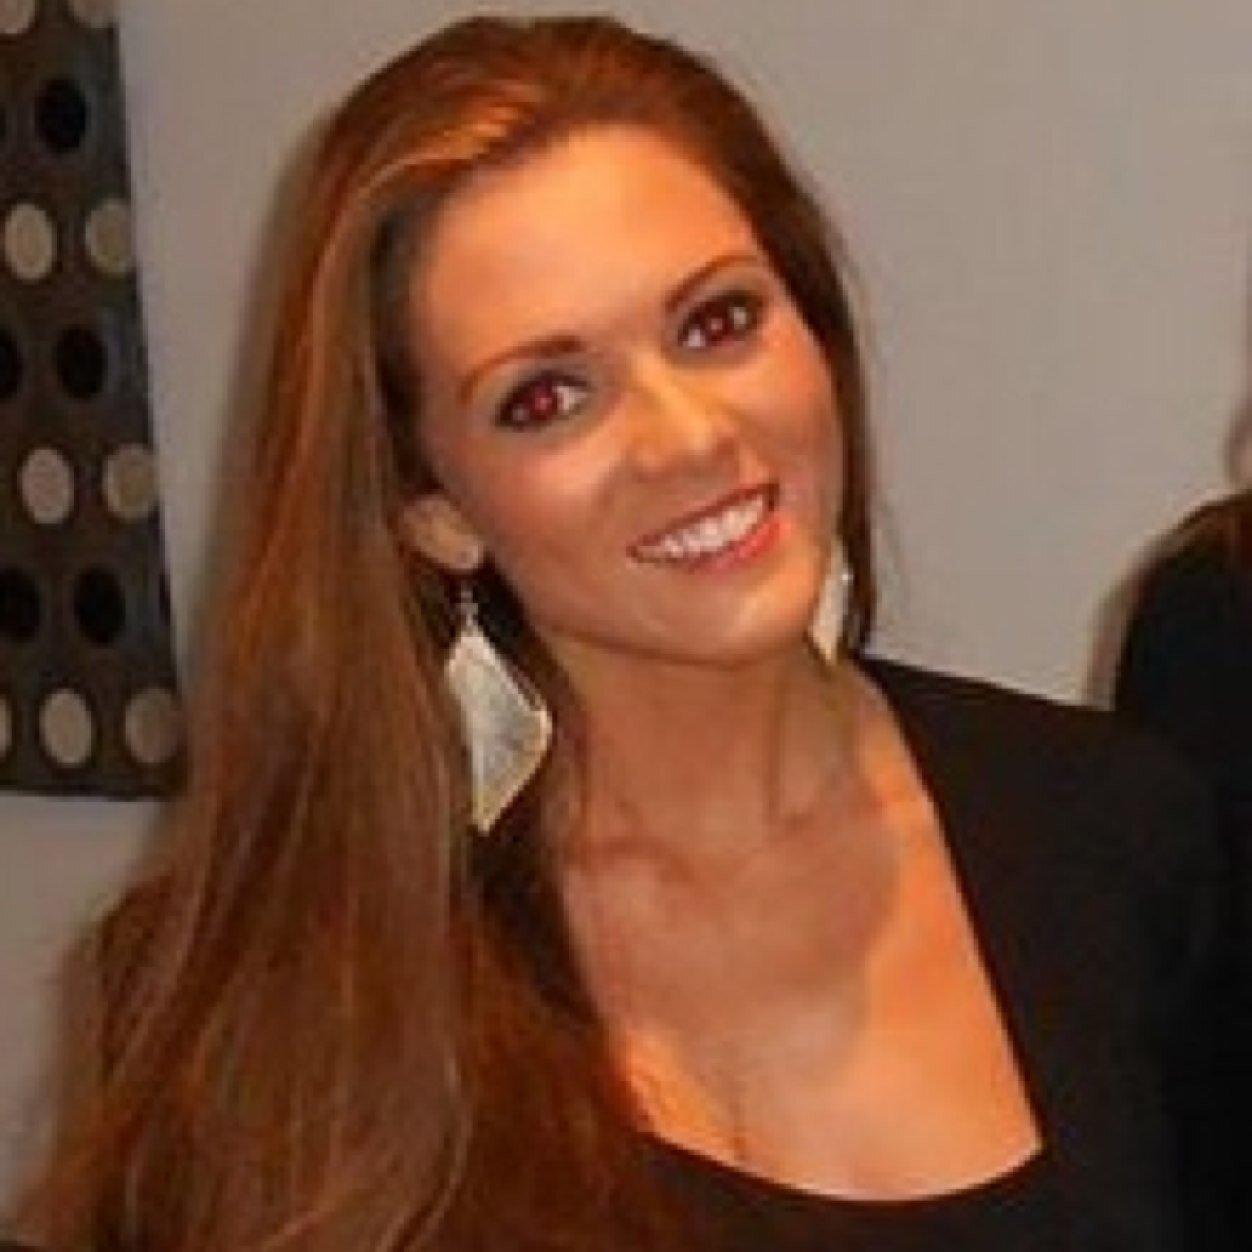 Laura McLaughlin